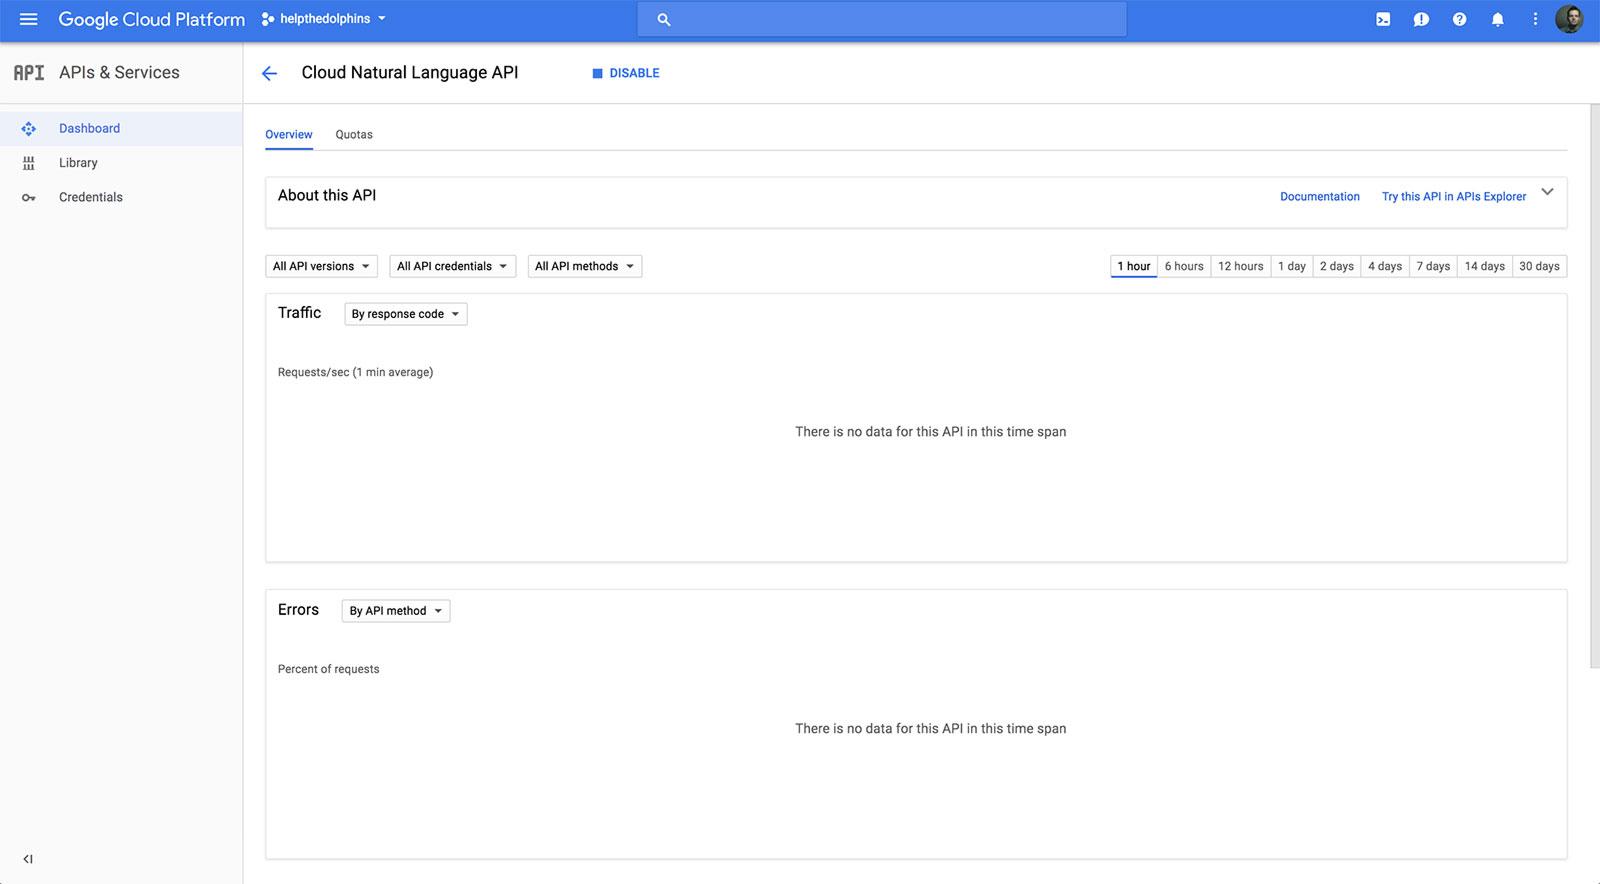 Cloud Natural Language API Screen